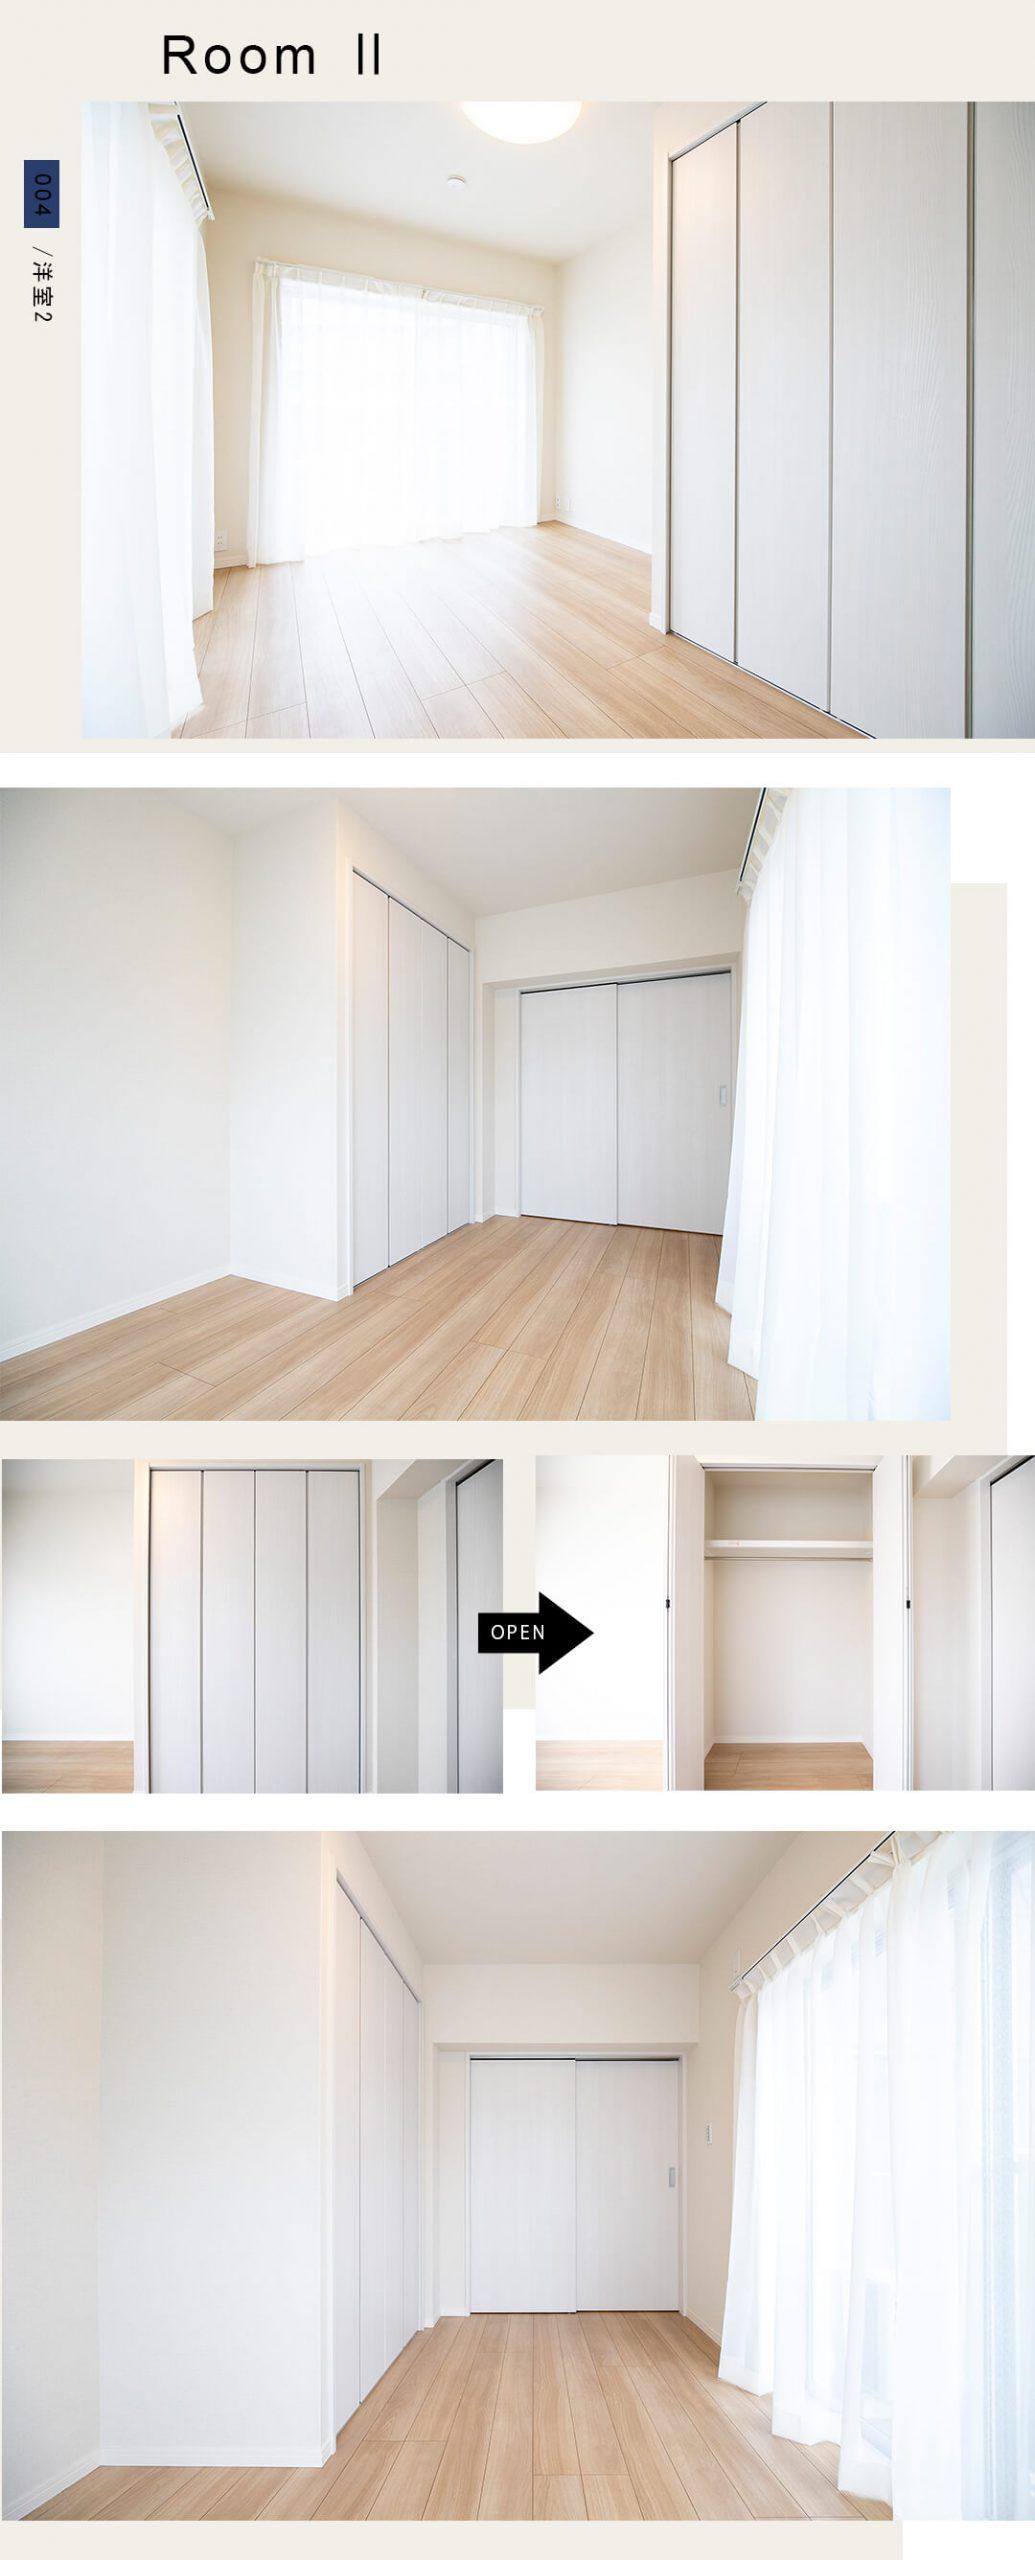 洋室2,Room Ⅱ